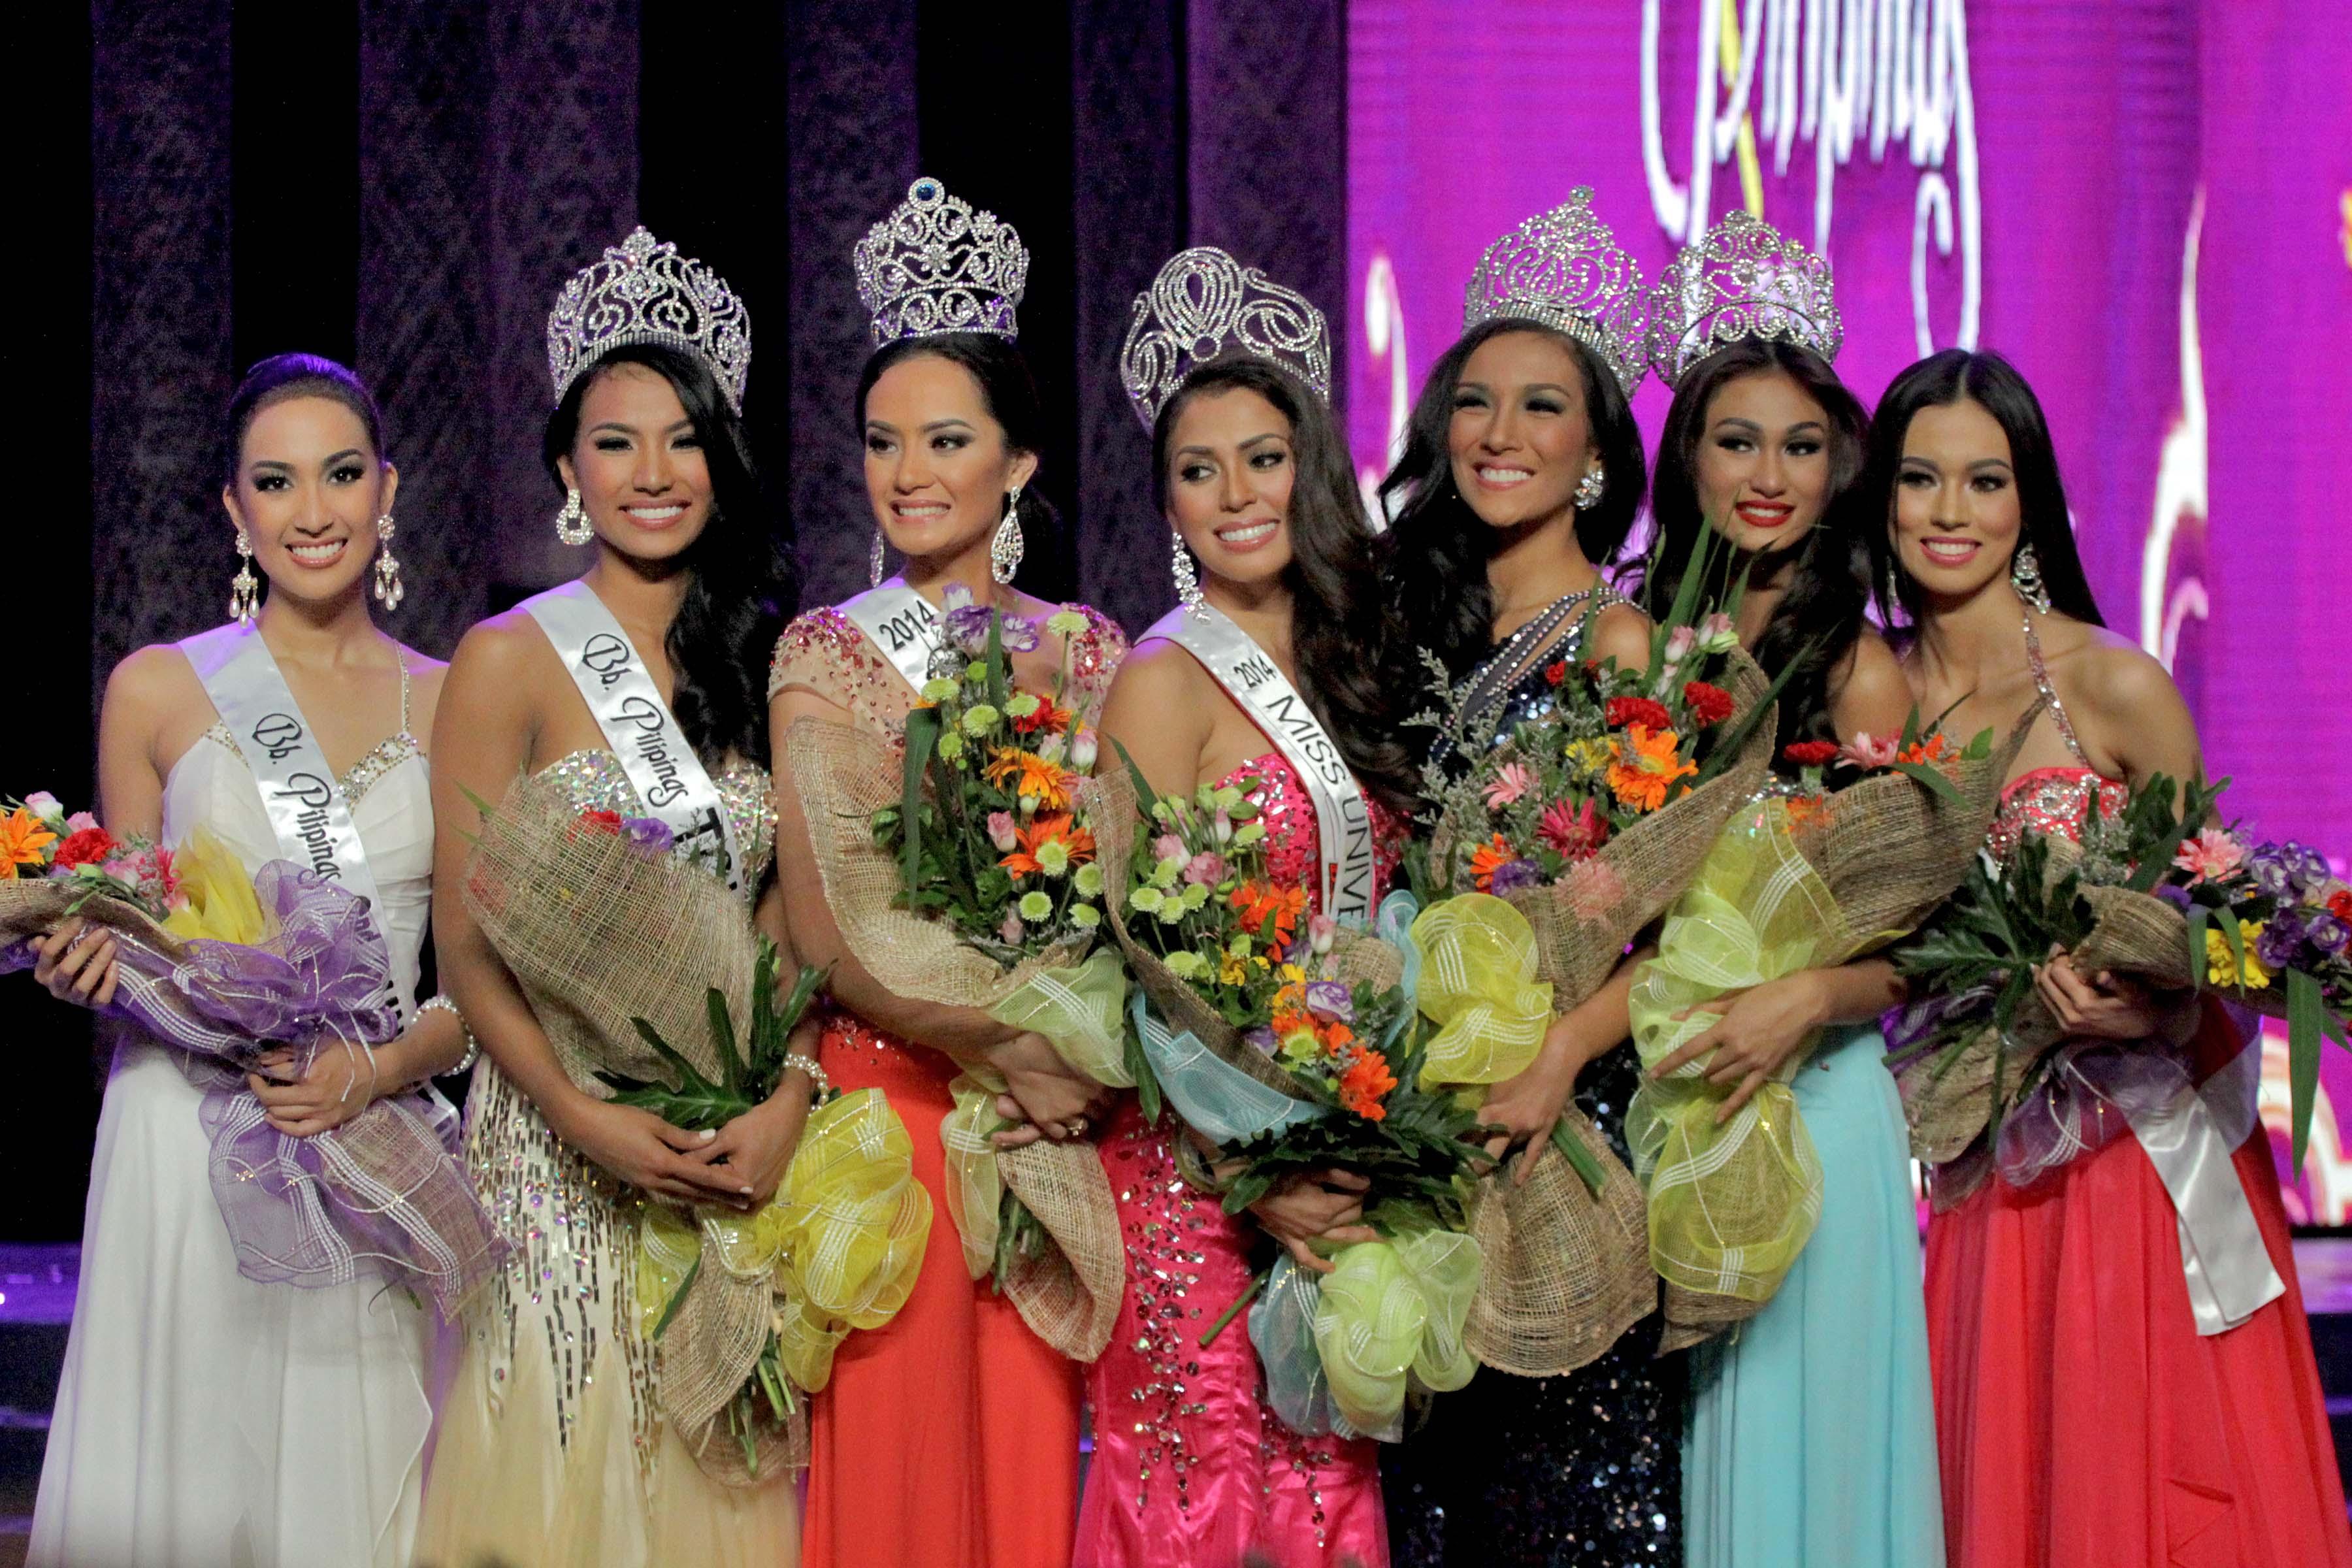 Bb. Pilipinas 2014 winners